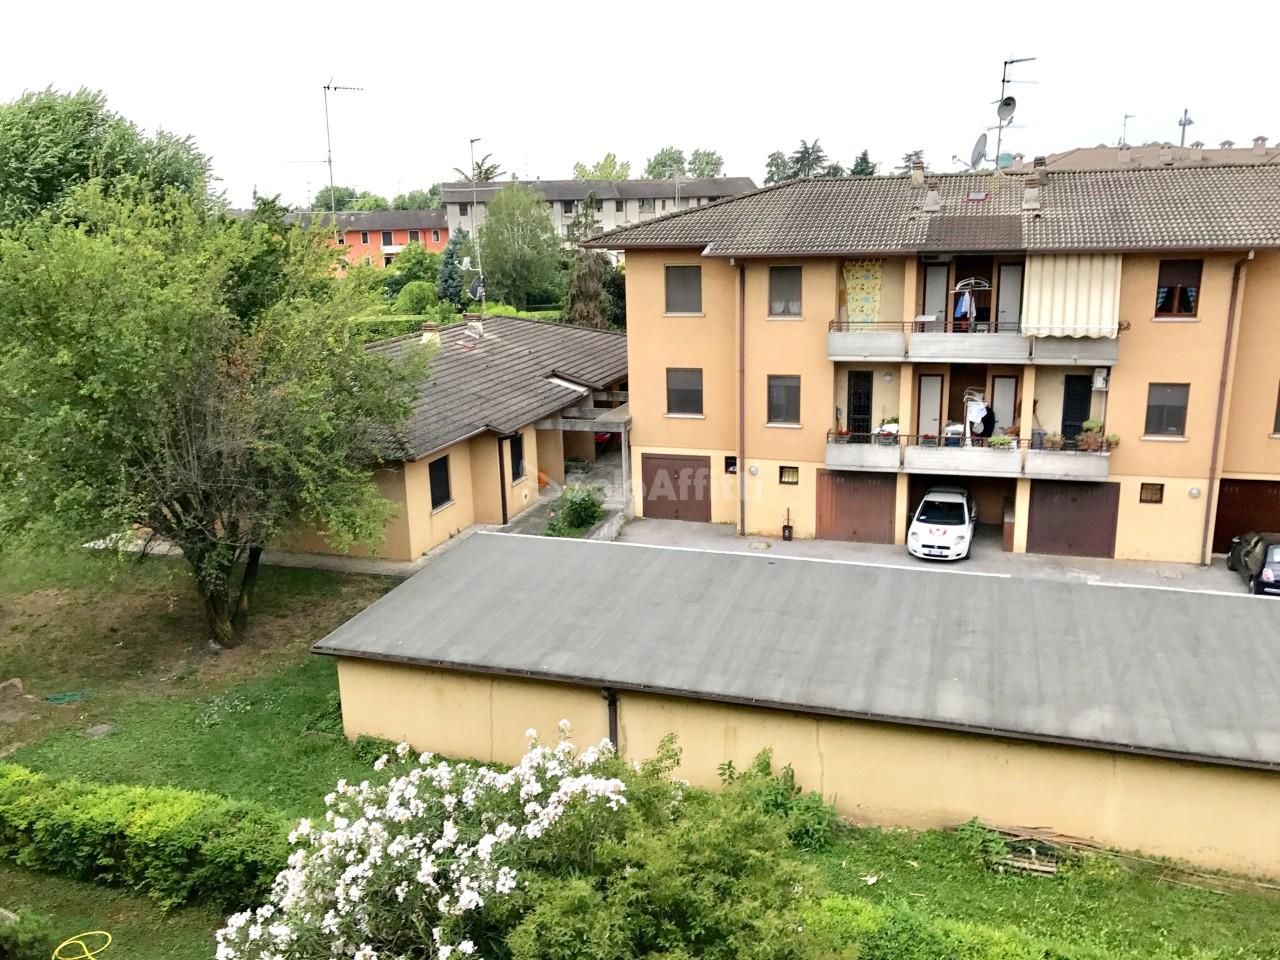 Bilocale Affitto Bagnolo Mella Via Breda Scodella 34 Rif